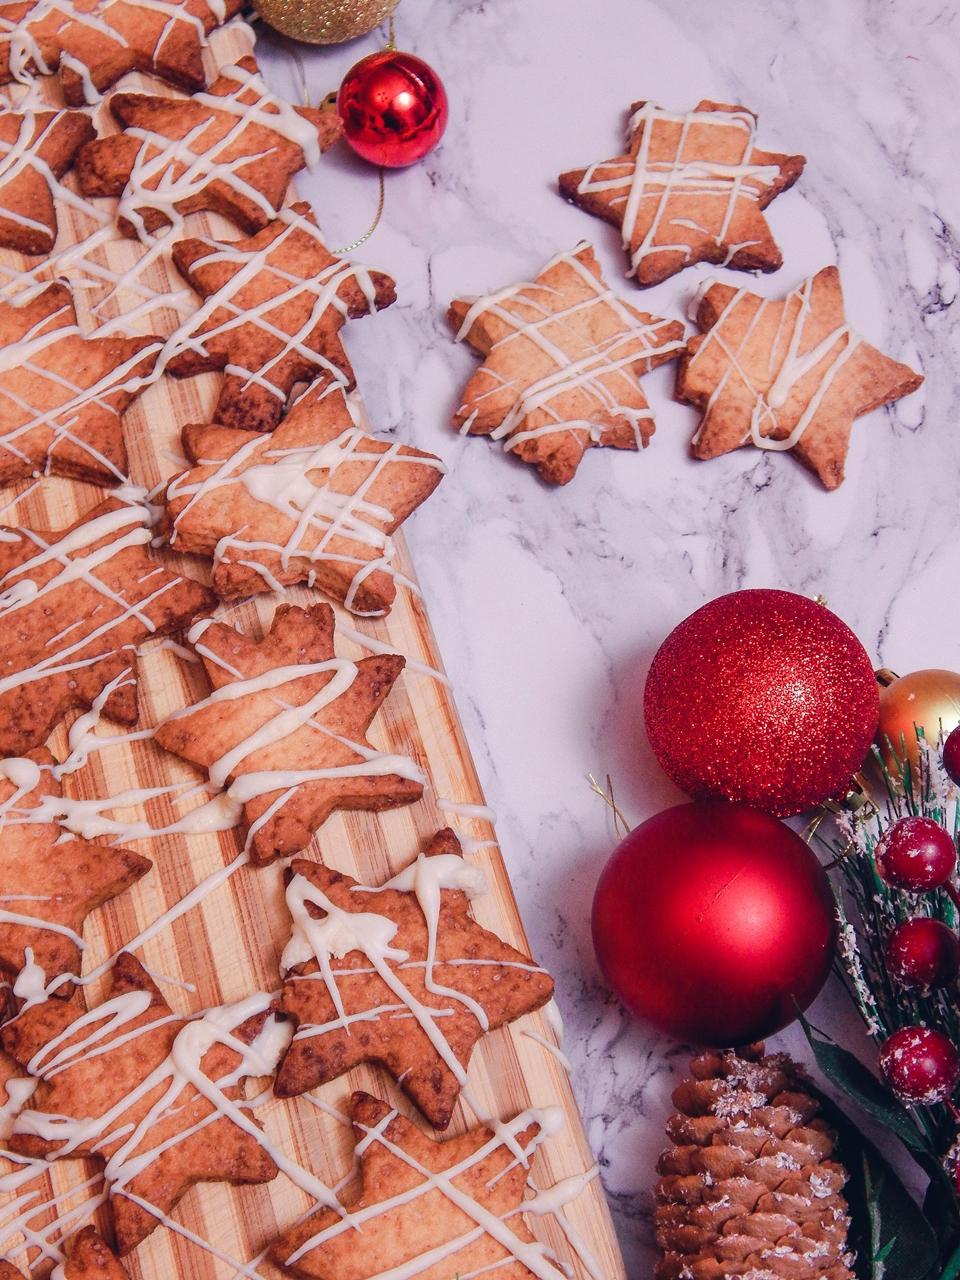 8 Pierniczki inaczej, prosty szybki, łatwy przepis na pierniki ciastka kruche, świąteczne ciastka, ciastka na choinkę jak zrobić pierniki ciastka gwiazdki, blog kulinarny łódź, lifestyle melodylaniella